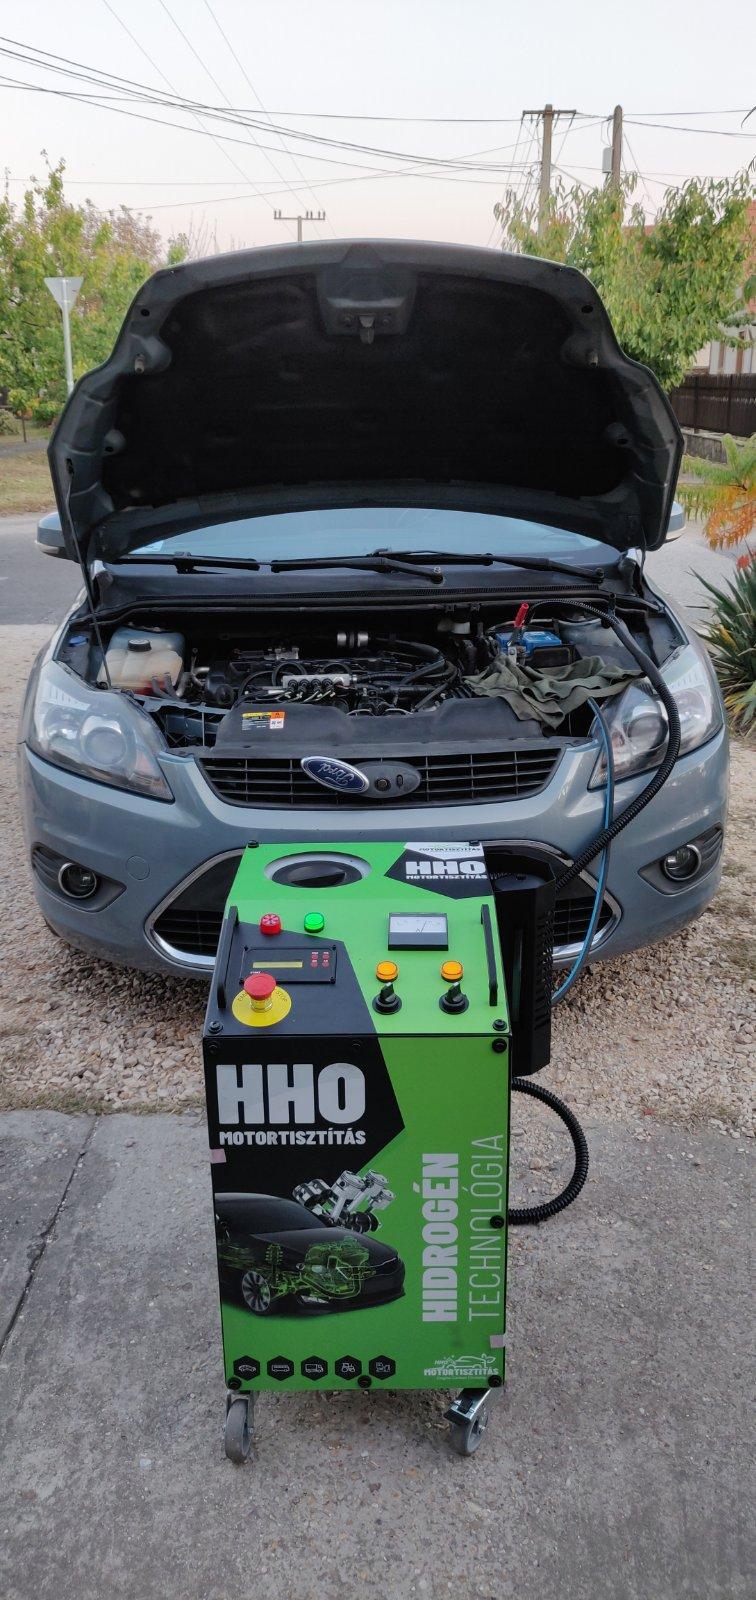 HHO Motortisztítás Ford Focus 2.0i 16V 145 Le Benzin- Gáz